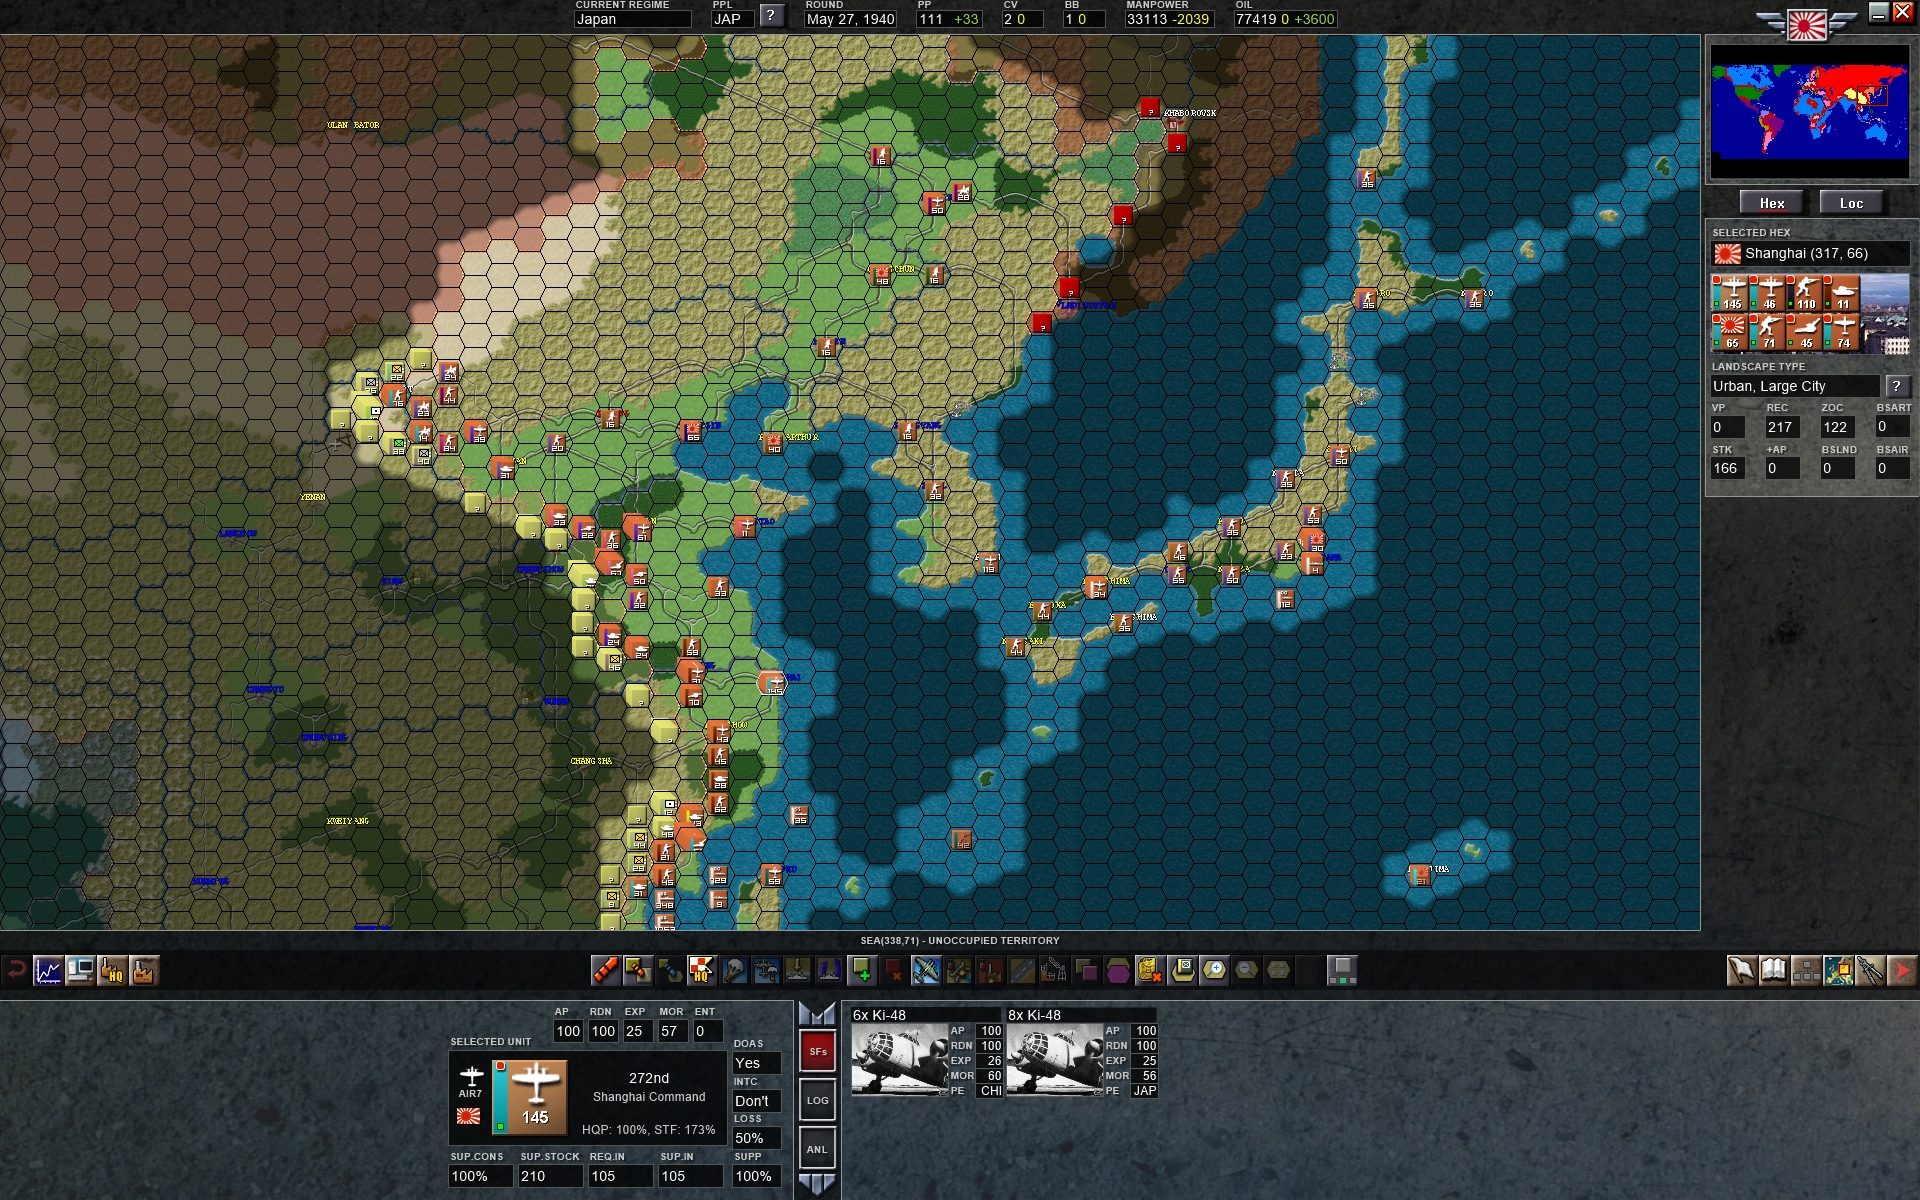 Matrix Games - Advanced Tactics Gold - Mod Global Domination 38 v3